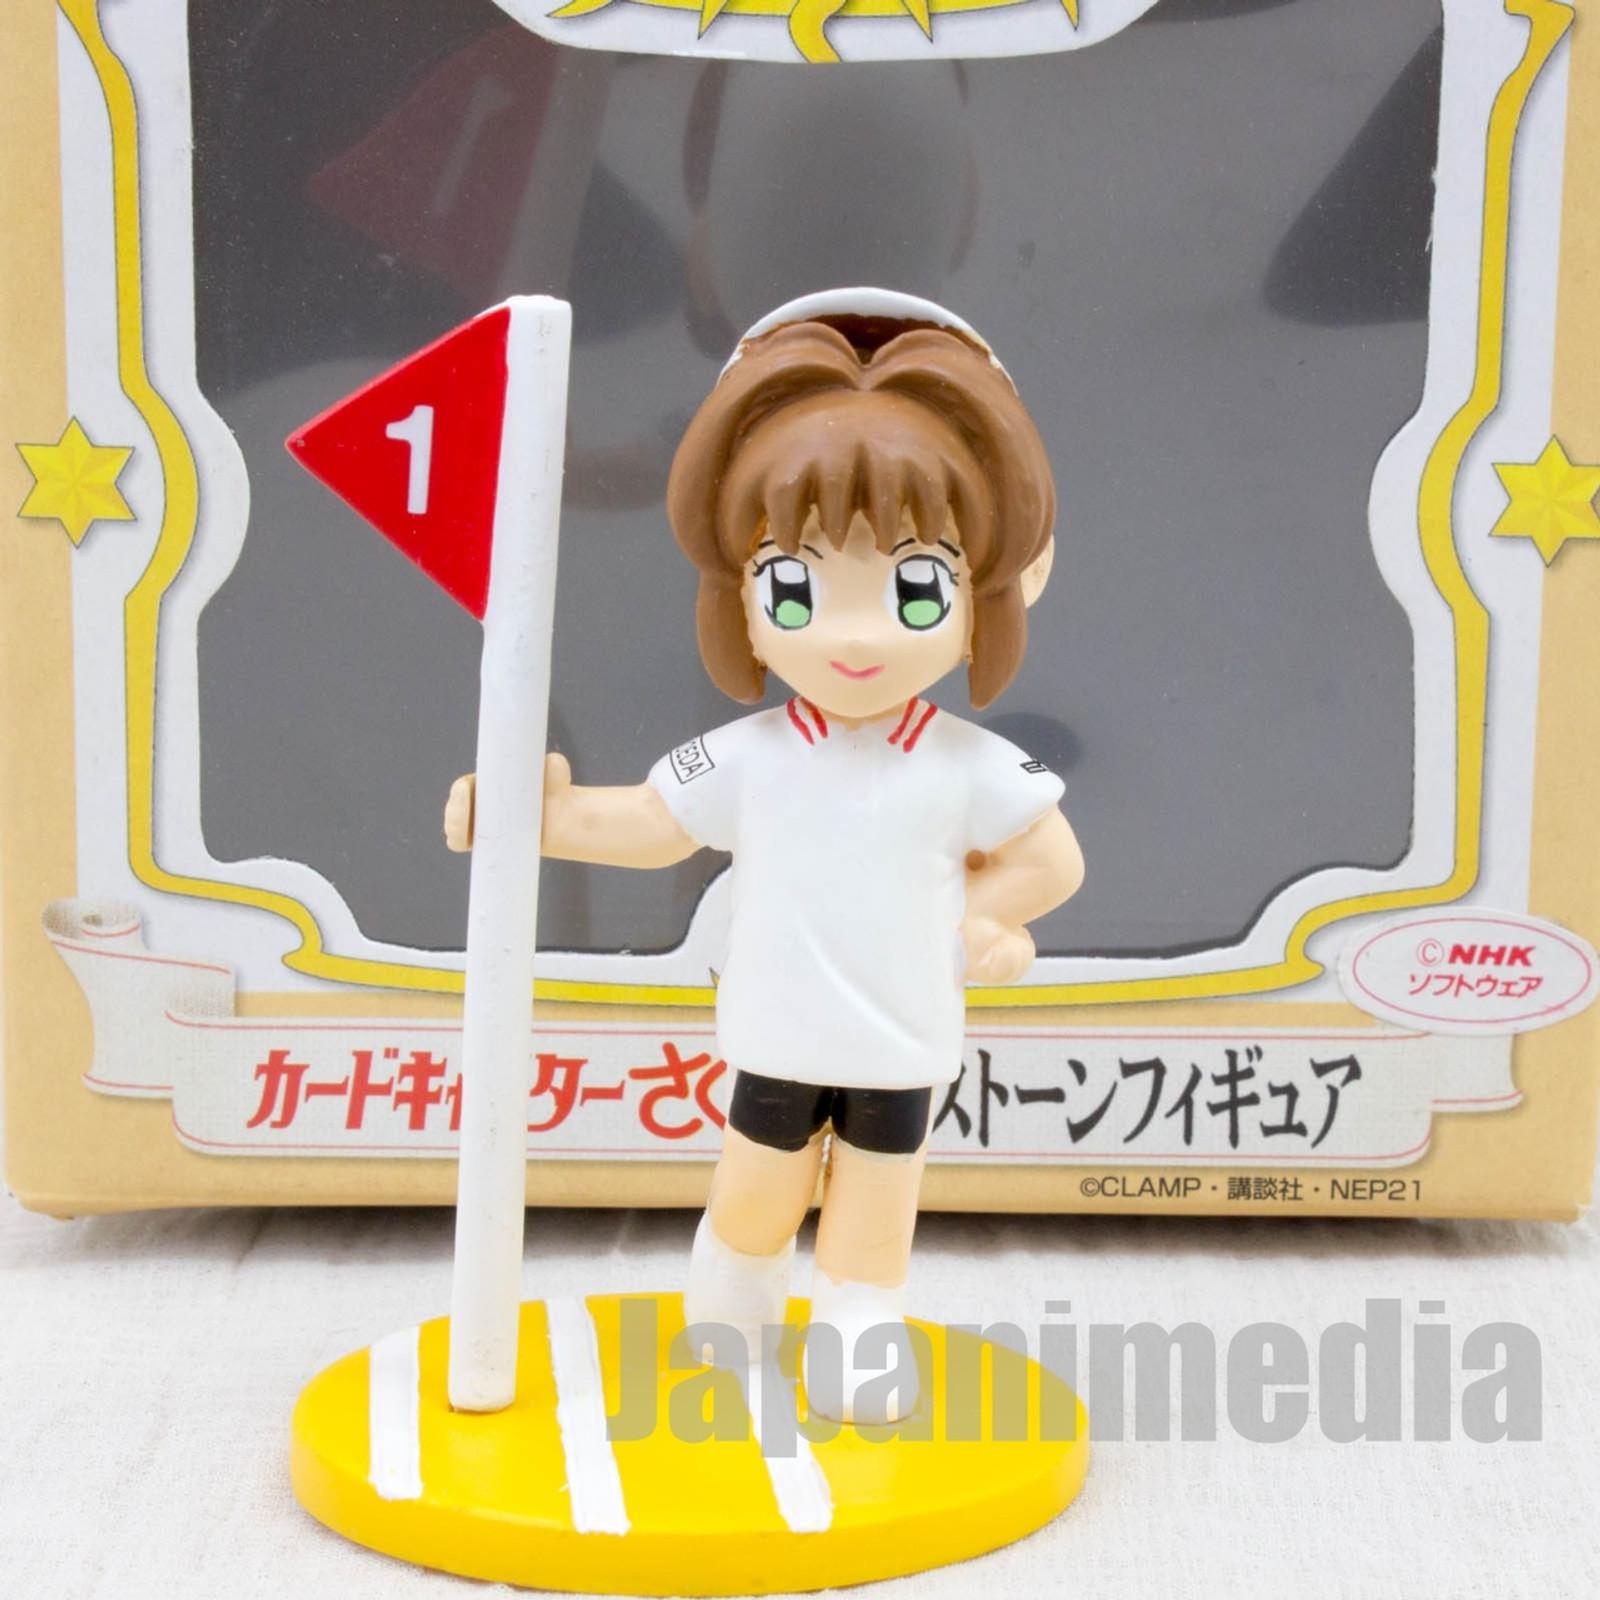 Cardcaptor Sakura Polystone Figure Gym suit Ver. JAPAN ANIME MANGA CLAMP